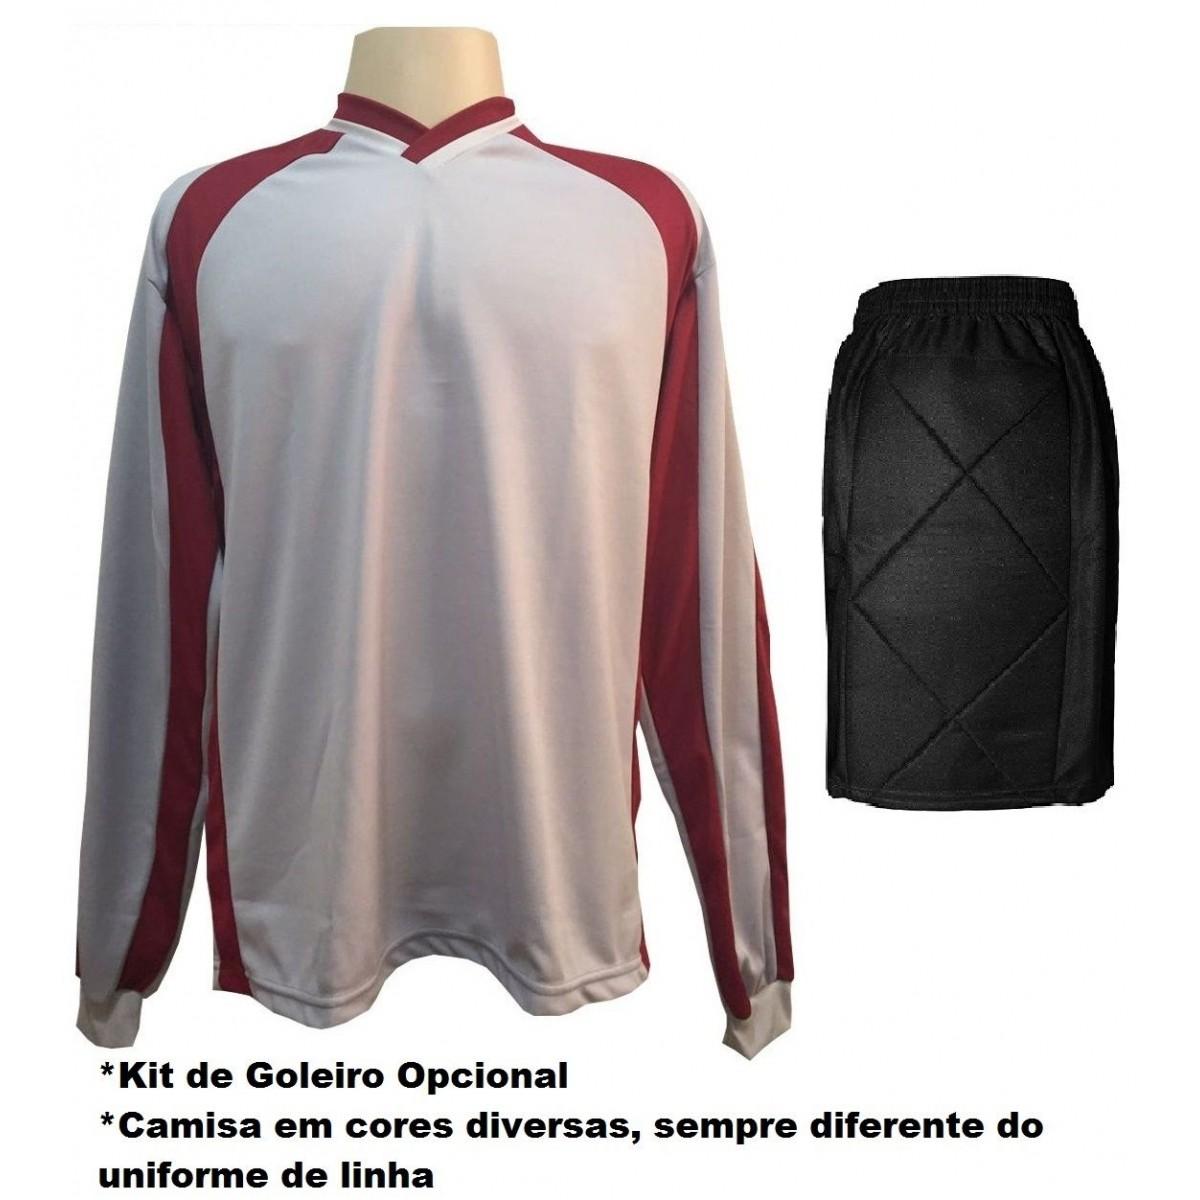 Uniforme Esportivo com 18 Camisas modelo Milan Limão/Preto + 18 Calções modelo Madrid Preto + Brindes